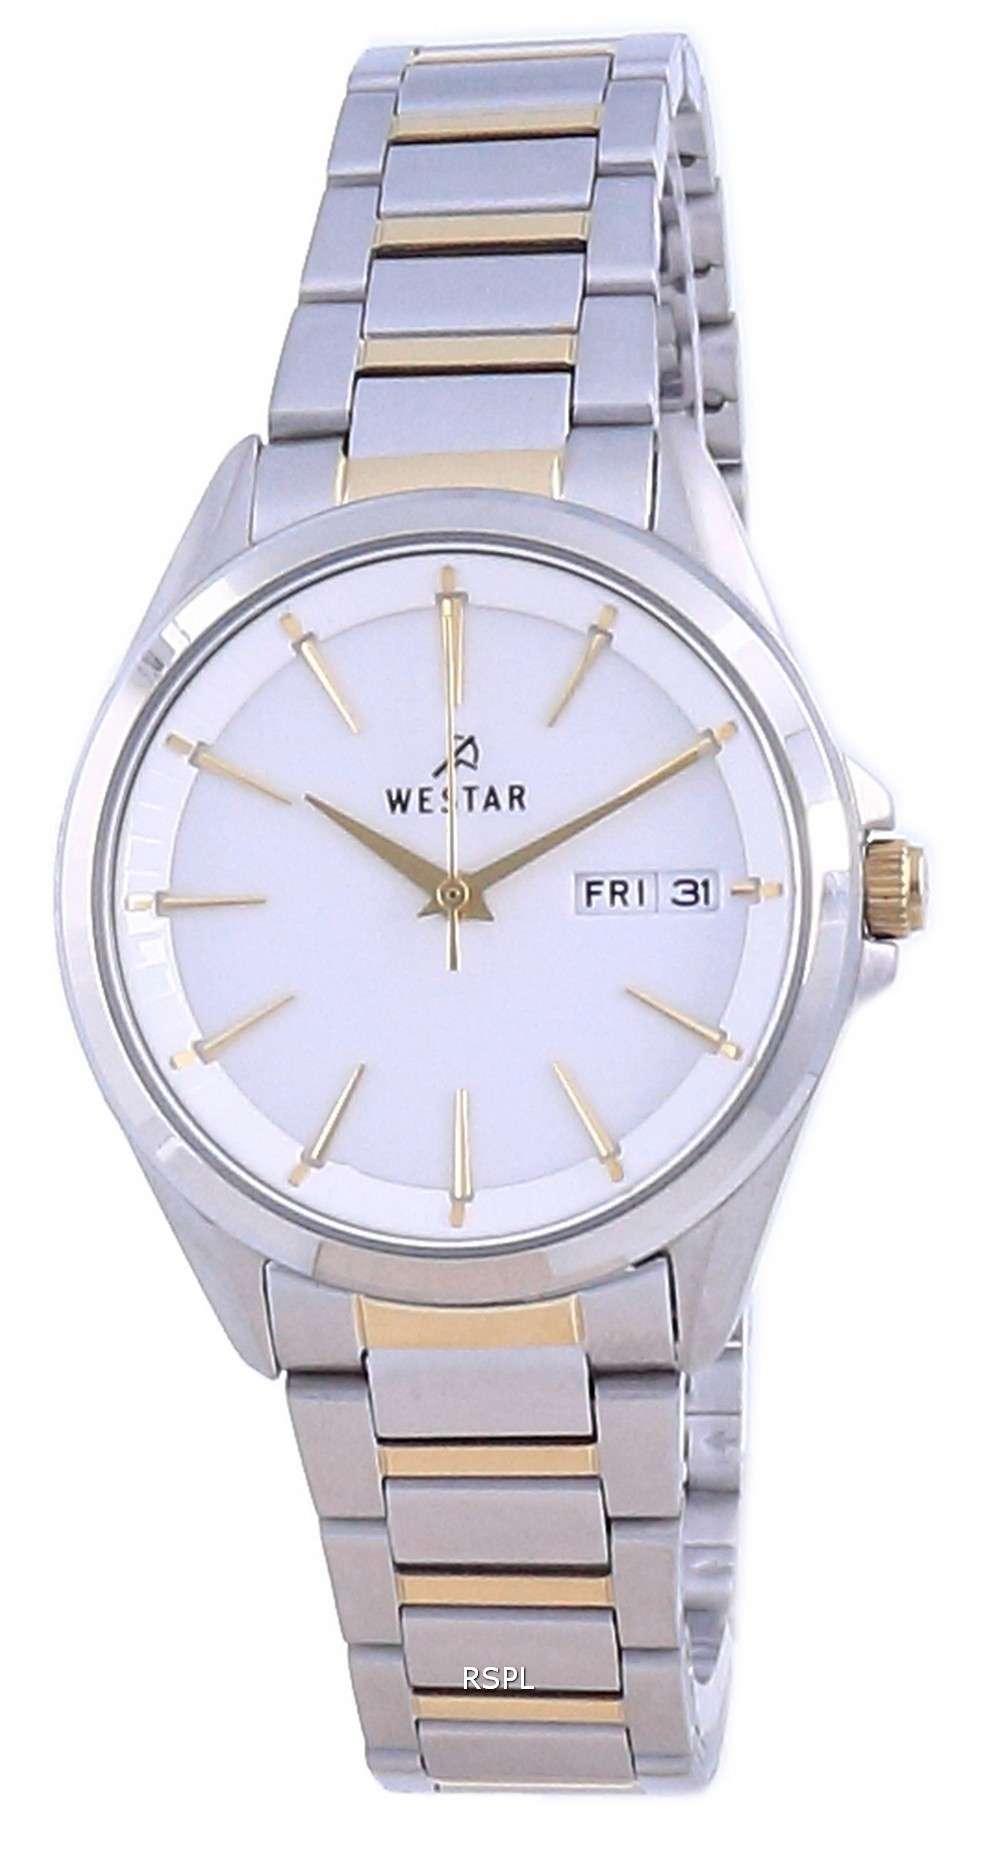 Westar, esfera blanca, dos tonos, acero inoxidable, cuarzo 40212 CBN 101, reloj para mujer